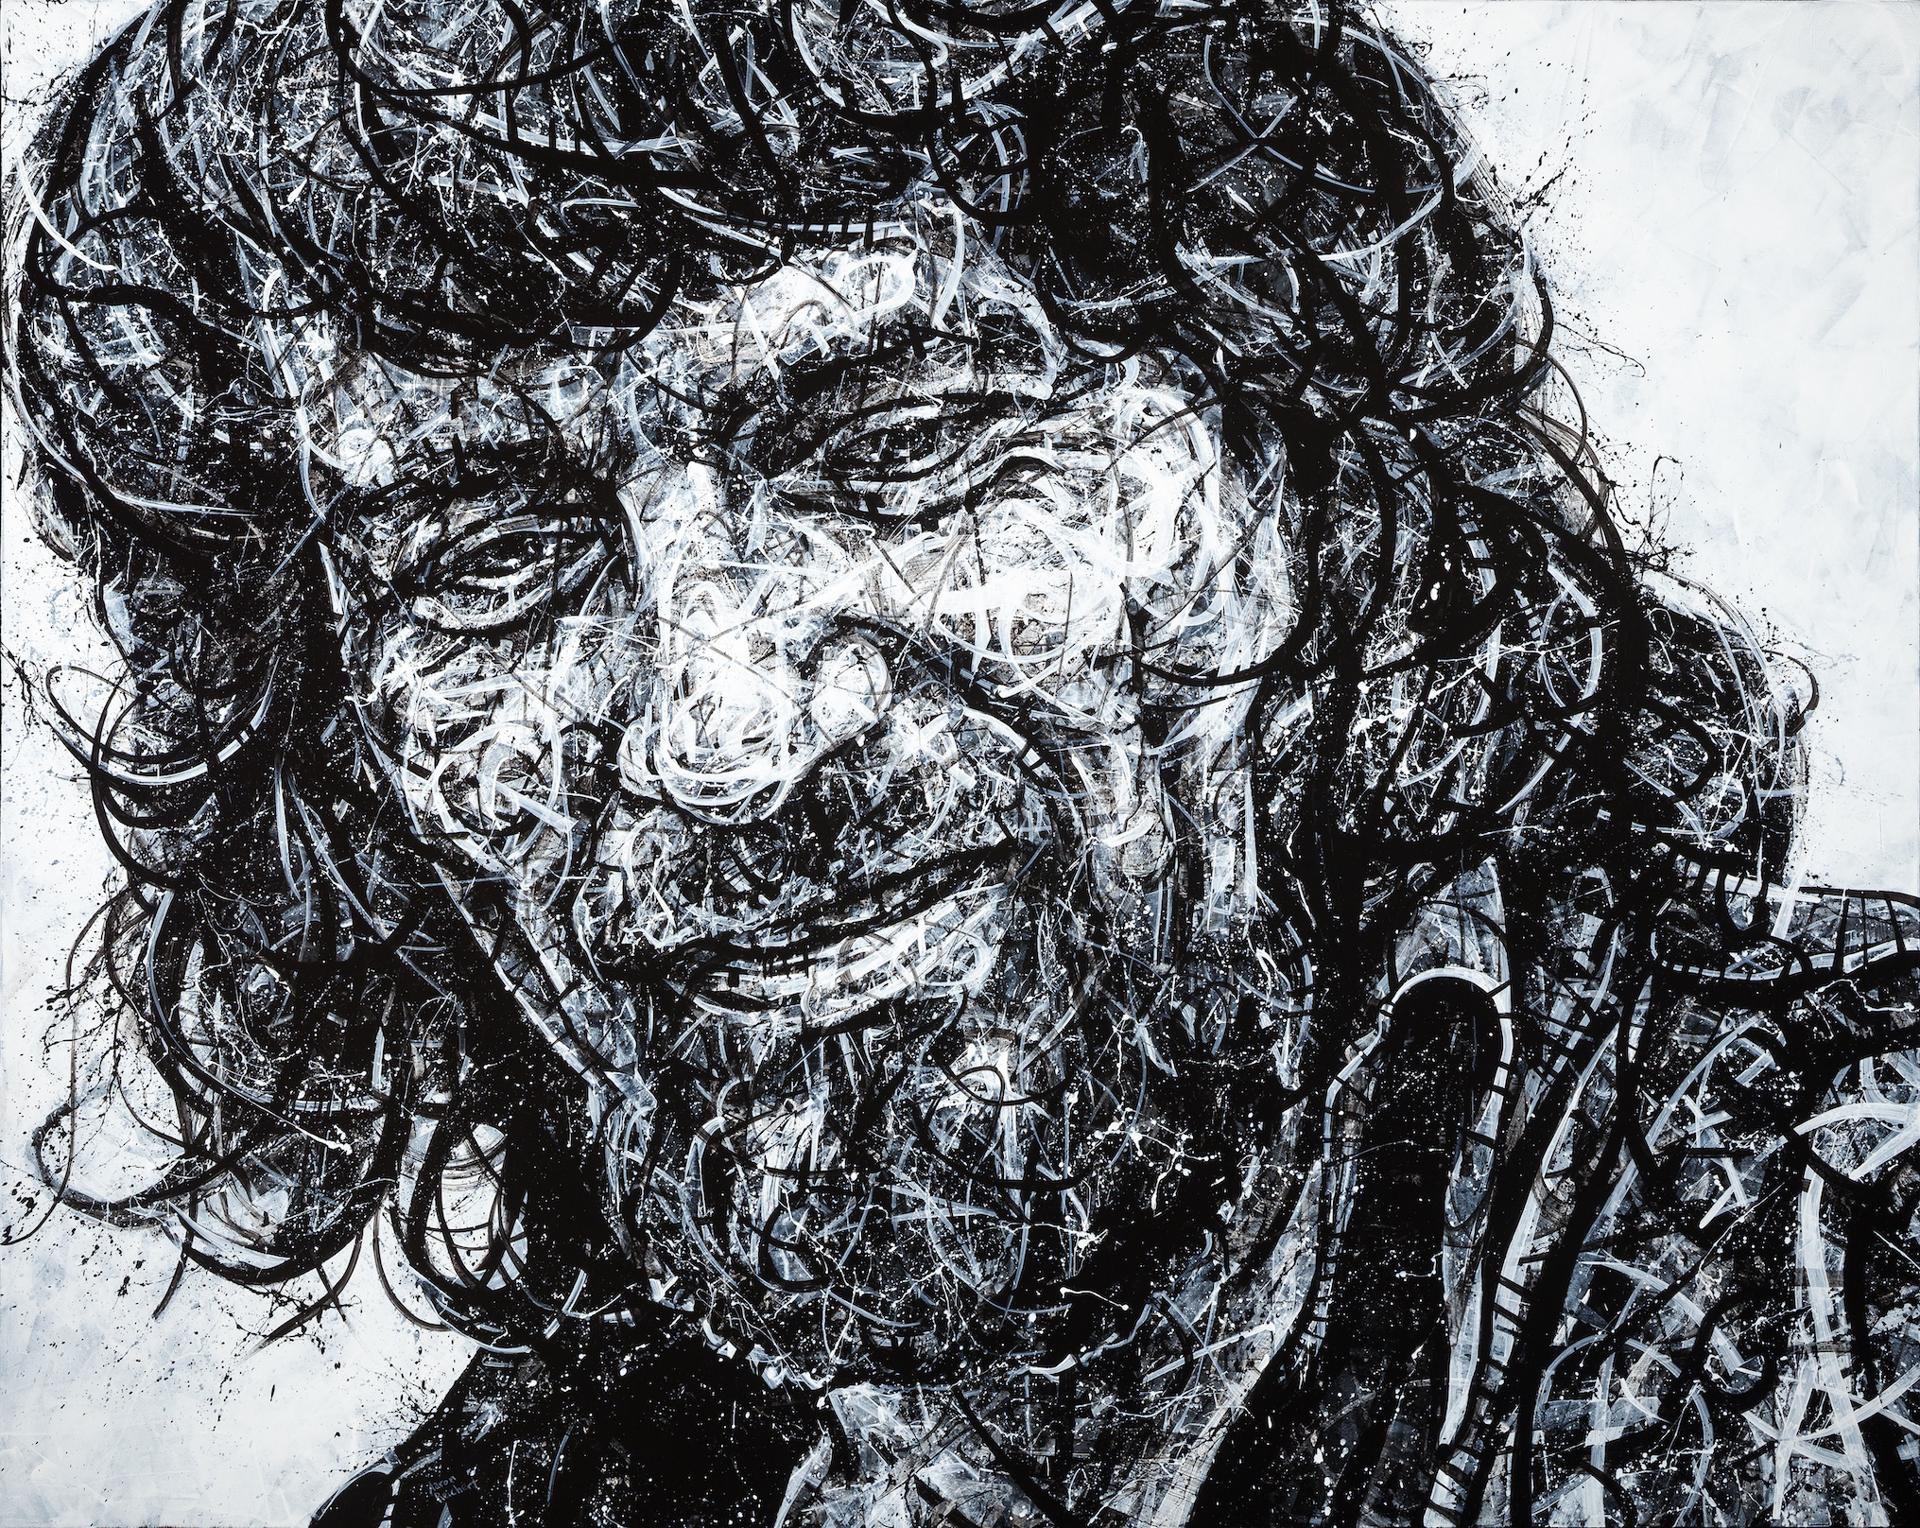 Waylon Jennings by Aaron Reichert